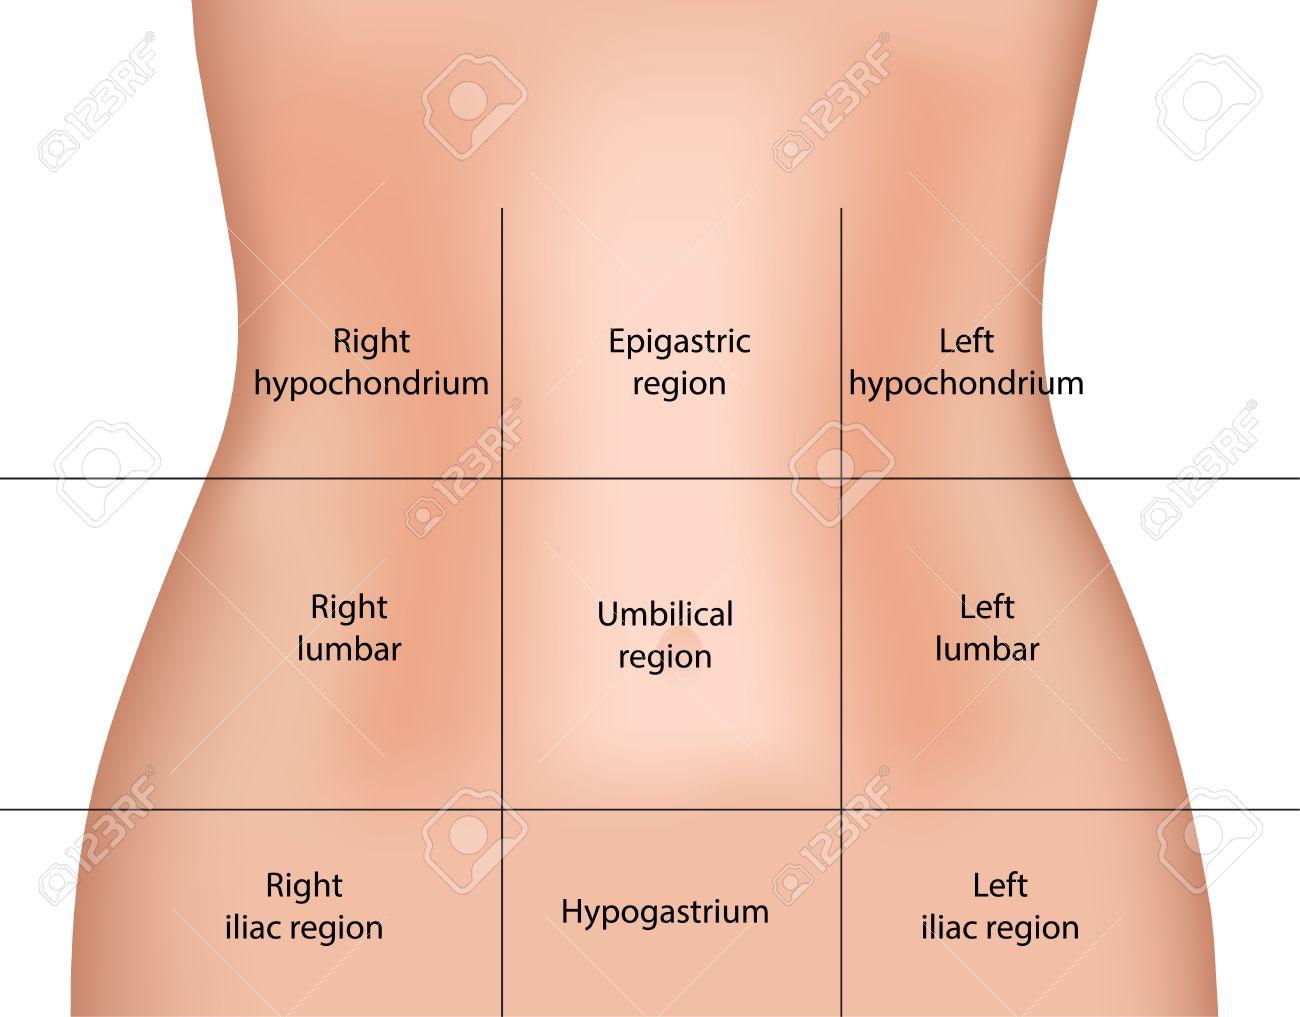 腹部の地域のイラスト素材・ベクタ - Image 35088043.